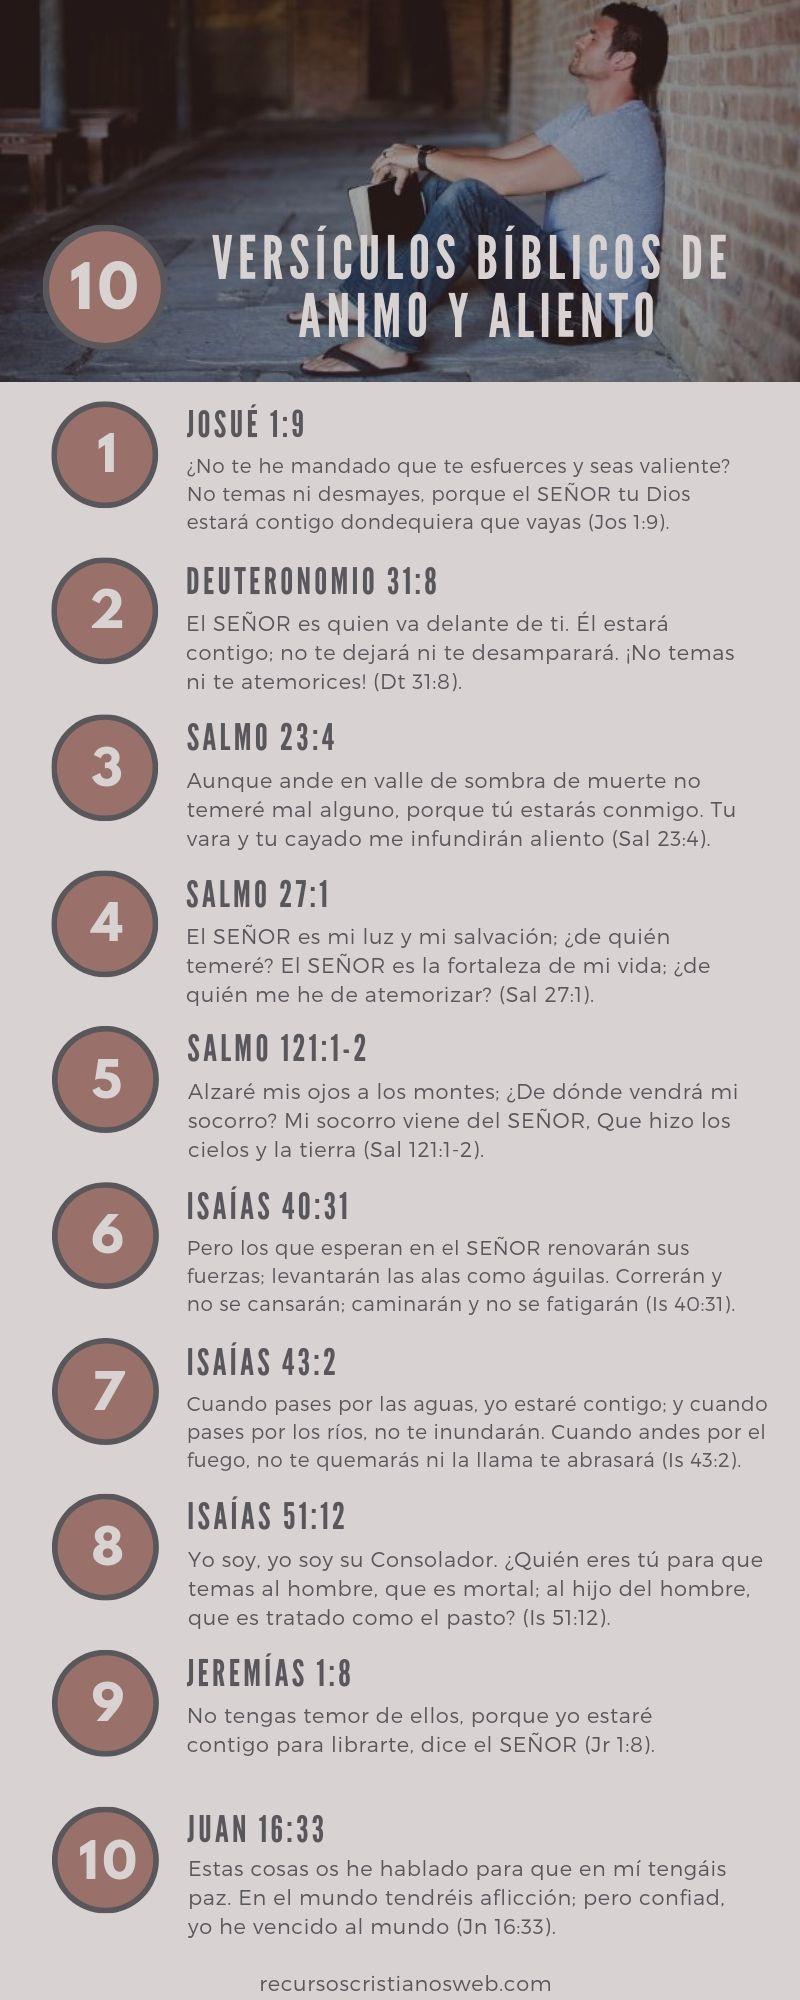 Versiculos De La Biblia De Animo: #VersiculosBiblicos #VersiculosdelaBiblia #Versiculos